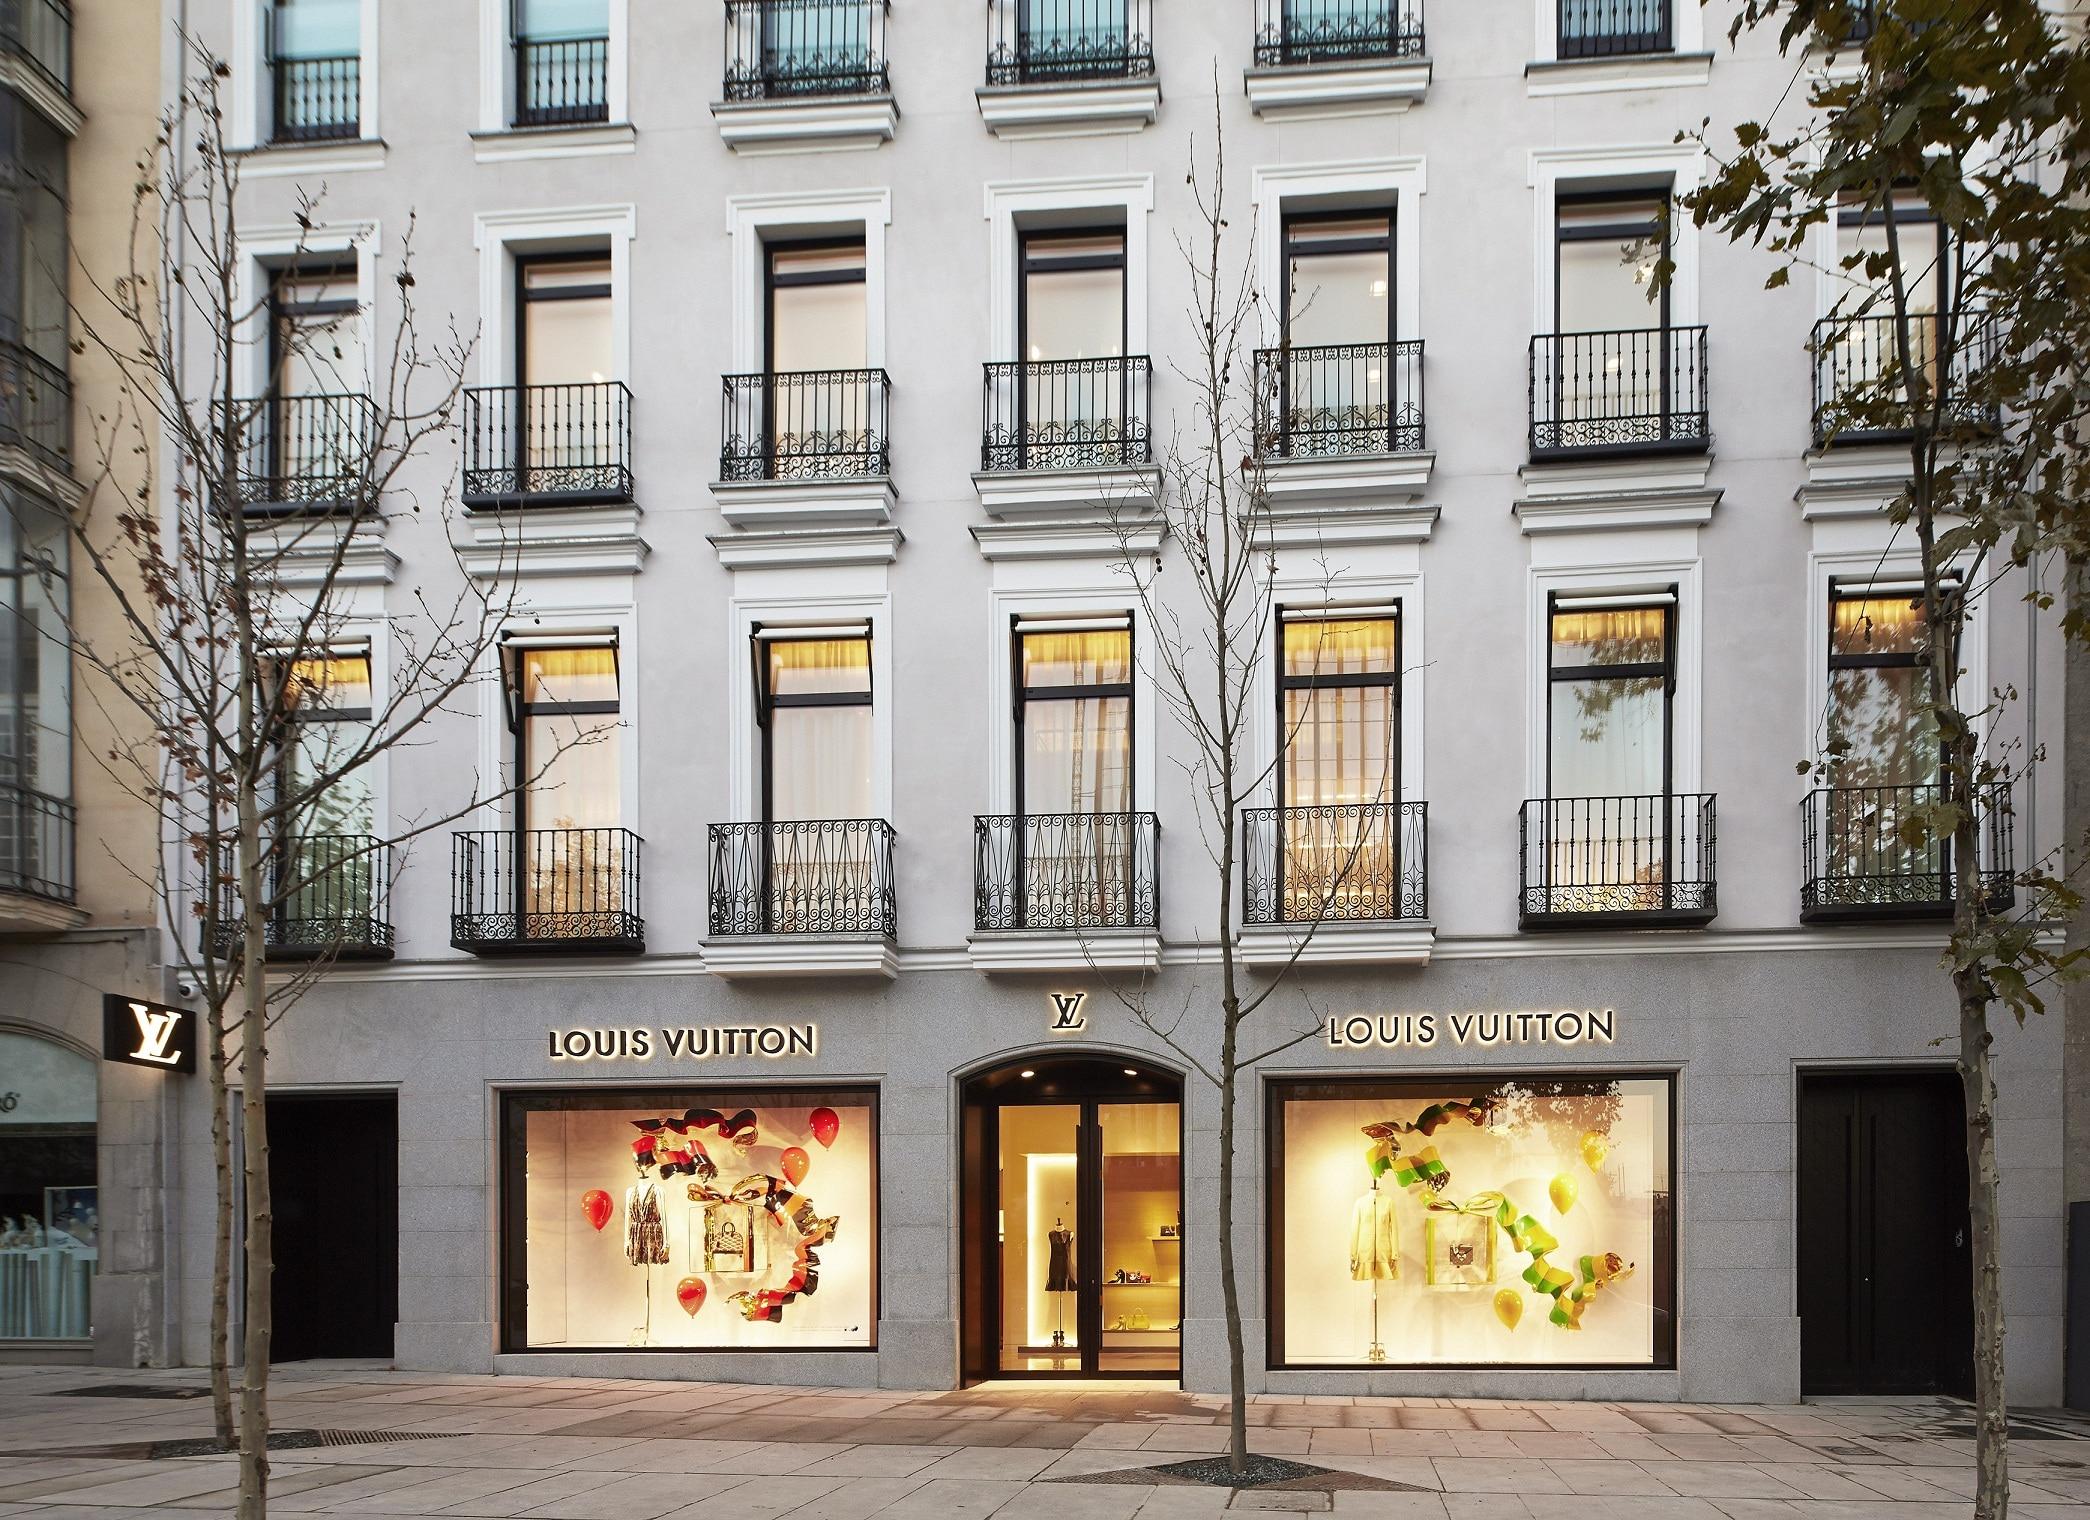 Eröffnung des neues Louis Vuitton Shops in Madrid